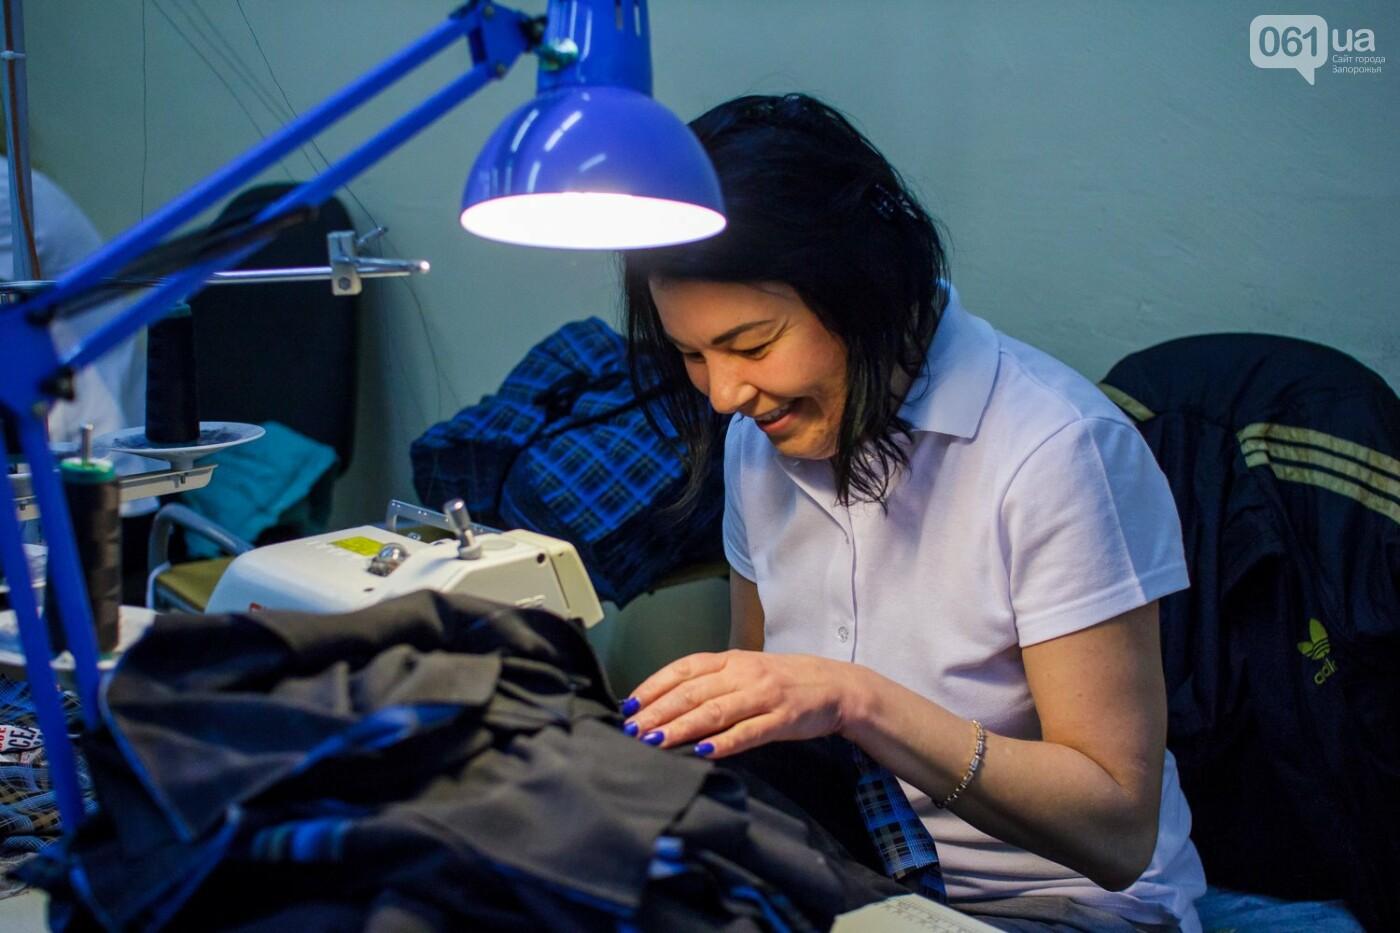 Как в Запорожье шьют мужское белье: экскурсия на трикотажную фабрику, – ФОТОРЕПОРТАЖ, фото-33